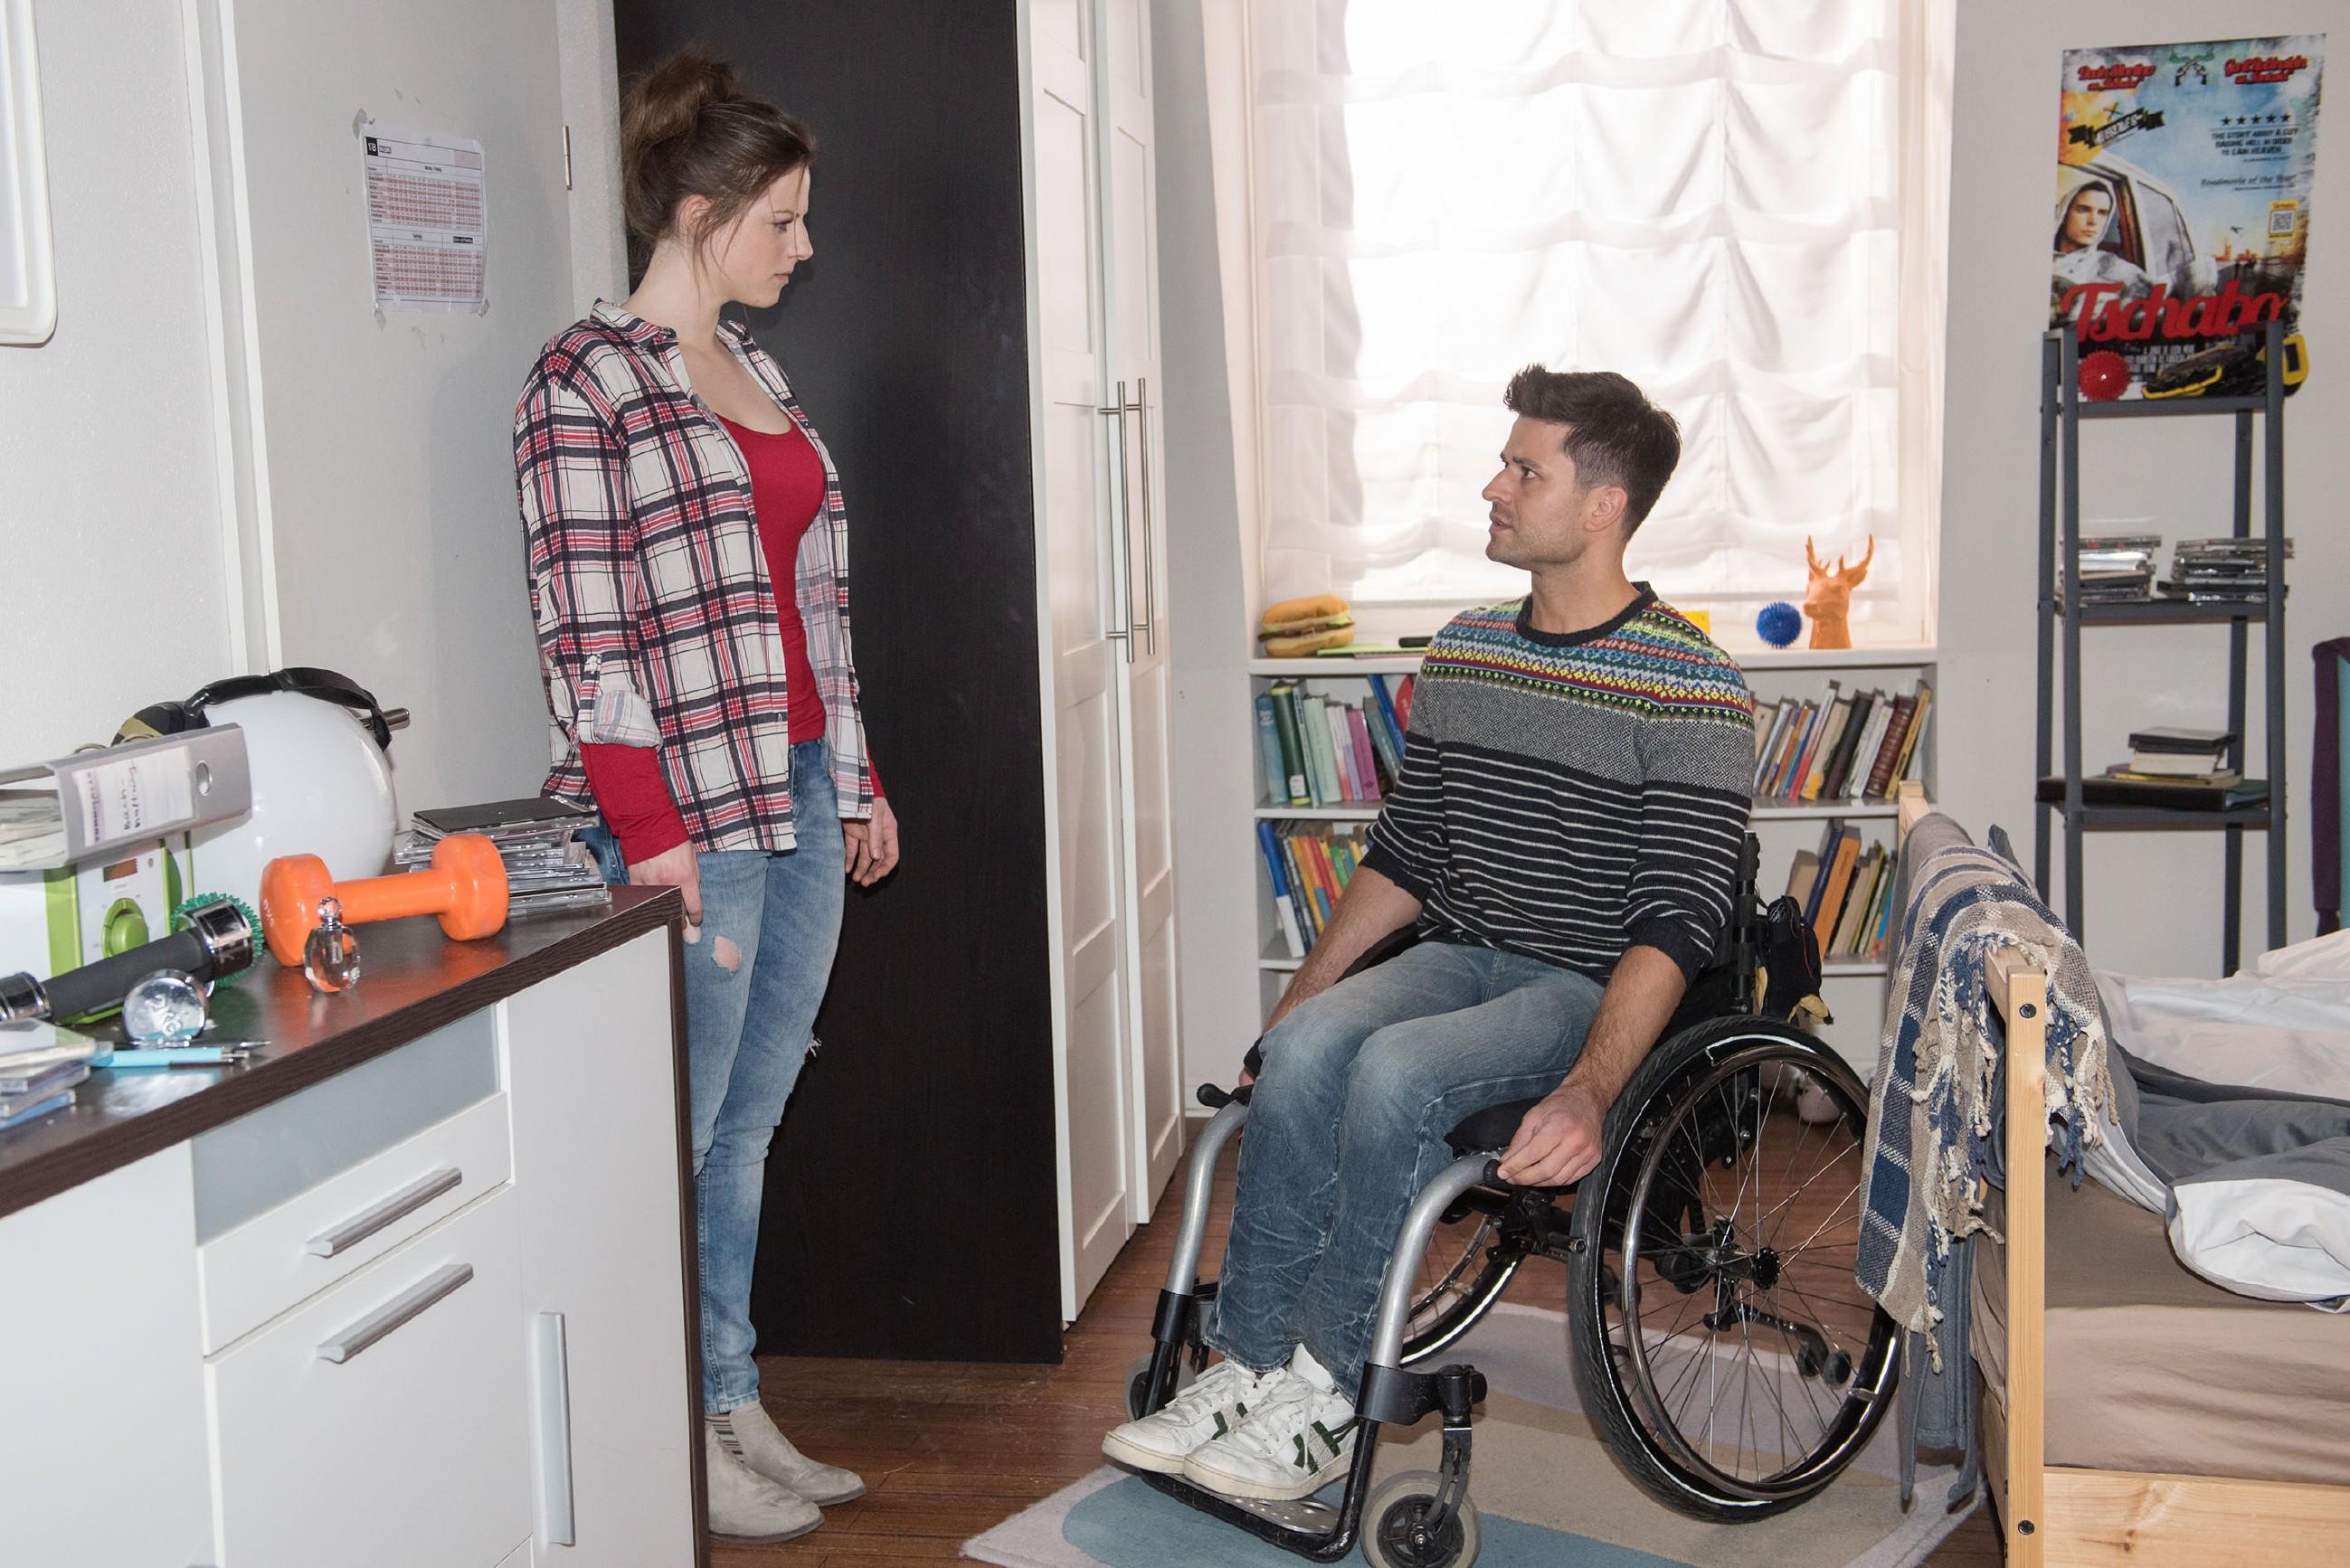 Nachdem sie von Jule eingesperrt wurden, kommt es zwischen Elli (Nora Koppen) und Paco (Milos Vukovic) zum Streit, in dessen Verlauf Paco endlich mit der Wahrheit über seine Gefühle herausplatzt... (RTL / Stefan Behrens)